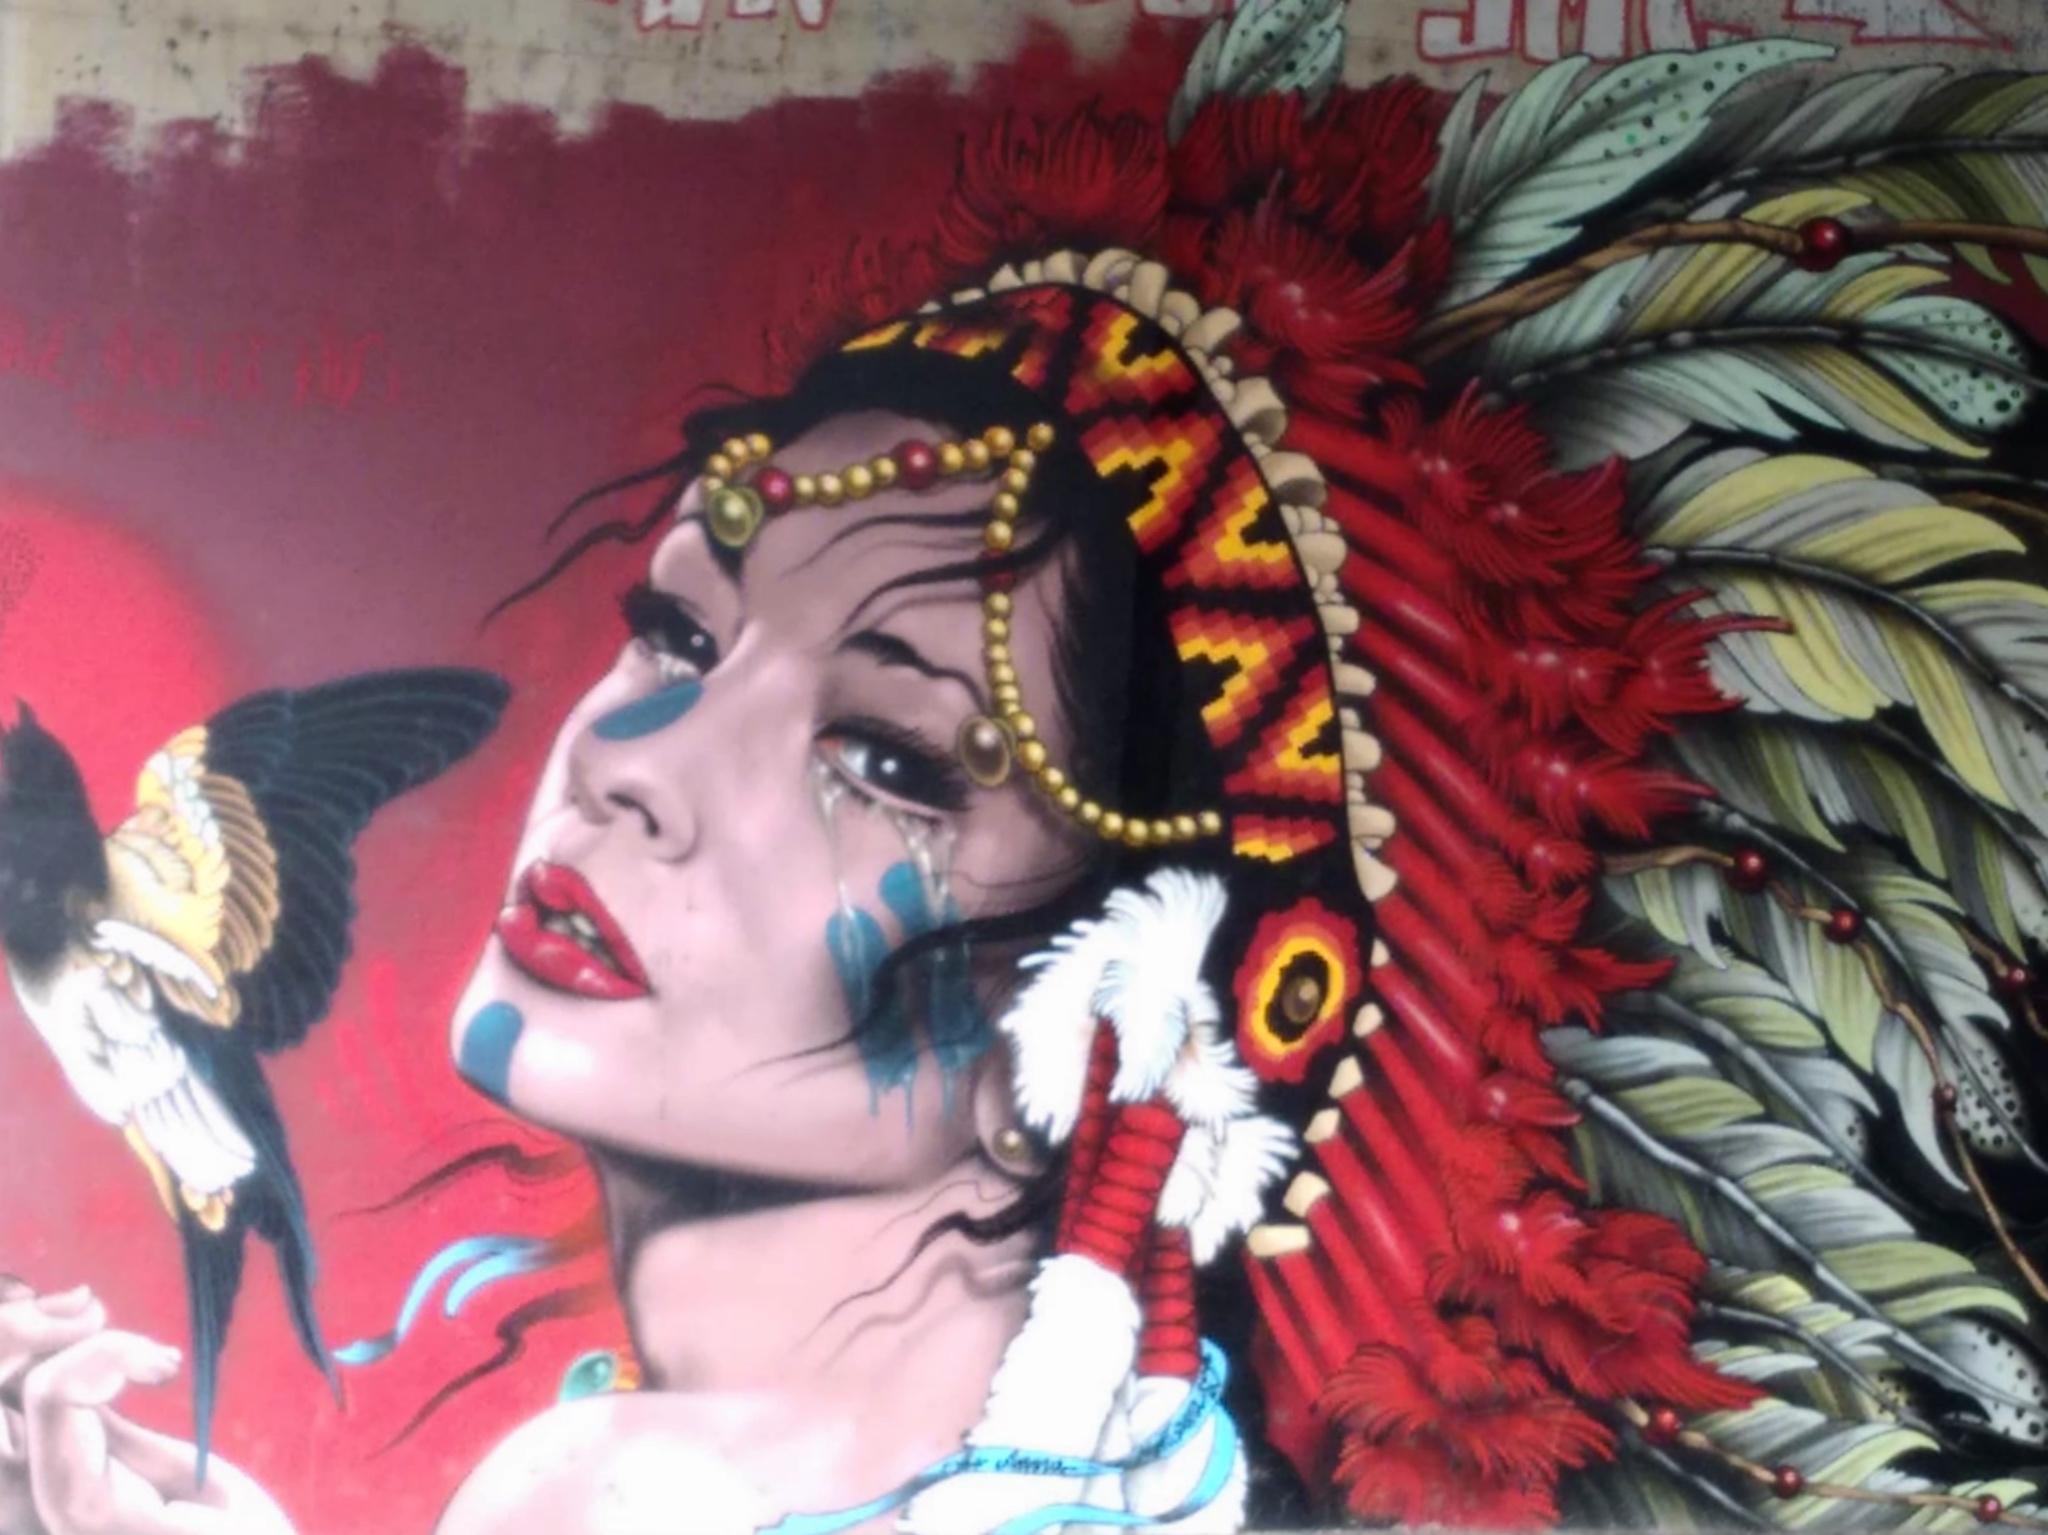 Dieses Kunstwerk findet man in der Unterführung am Südbahnhof. Foto: Sandro Weiß